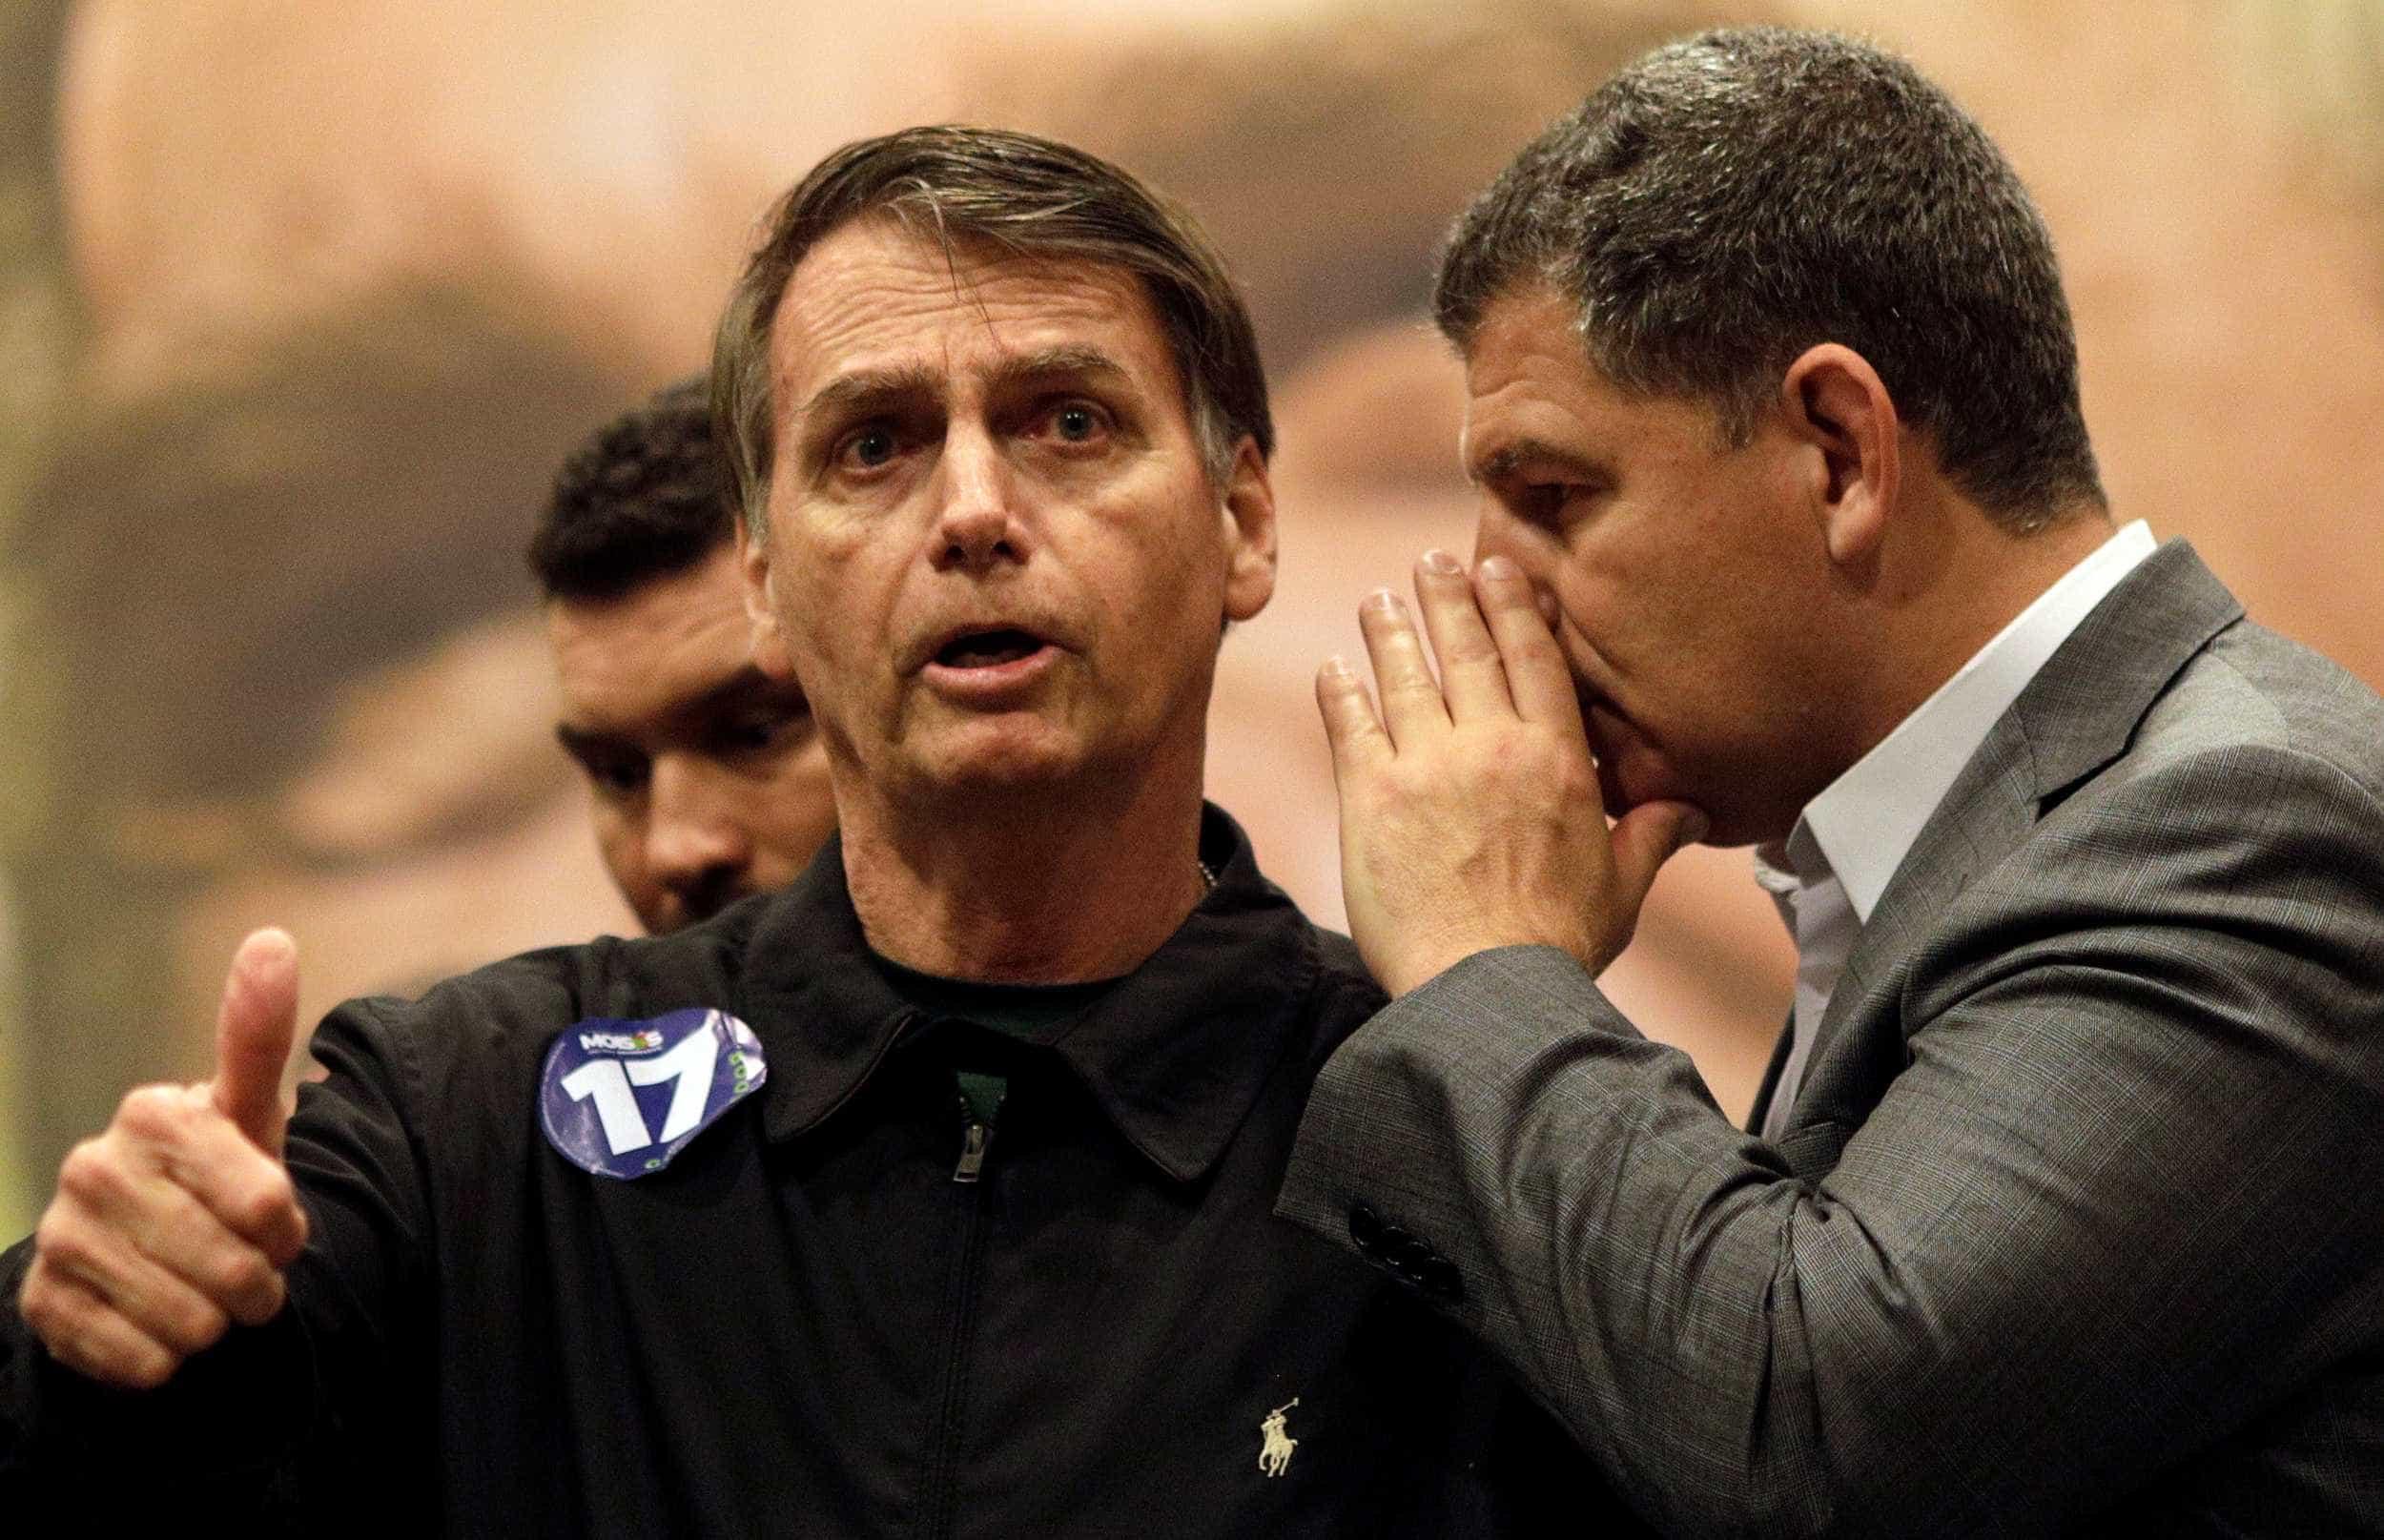 'A tendência é essa, exoneração', diz Bebianno sobre saída do governo